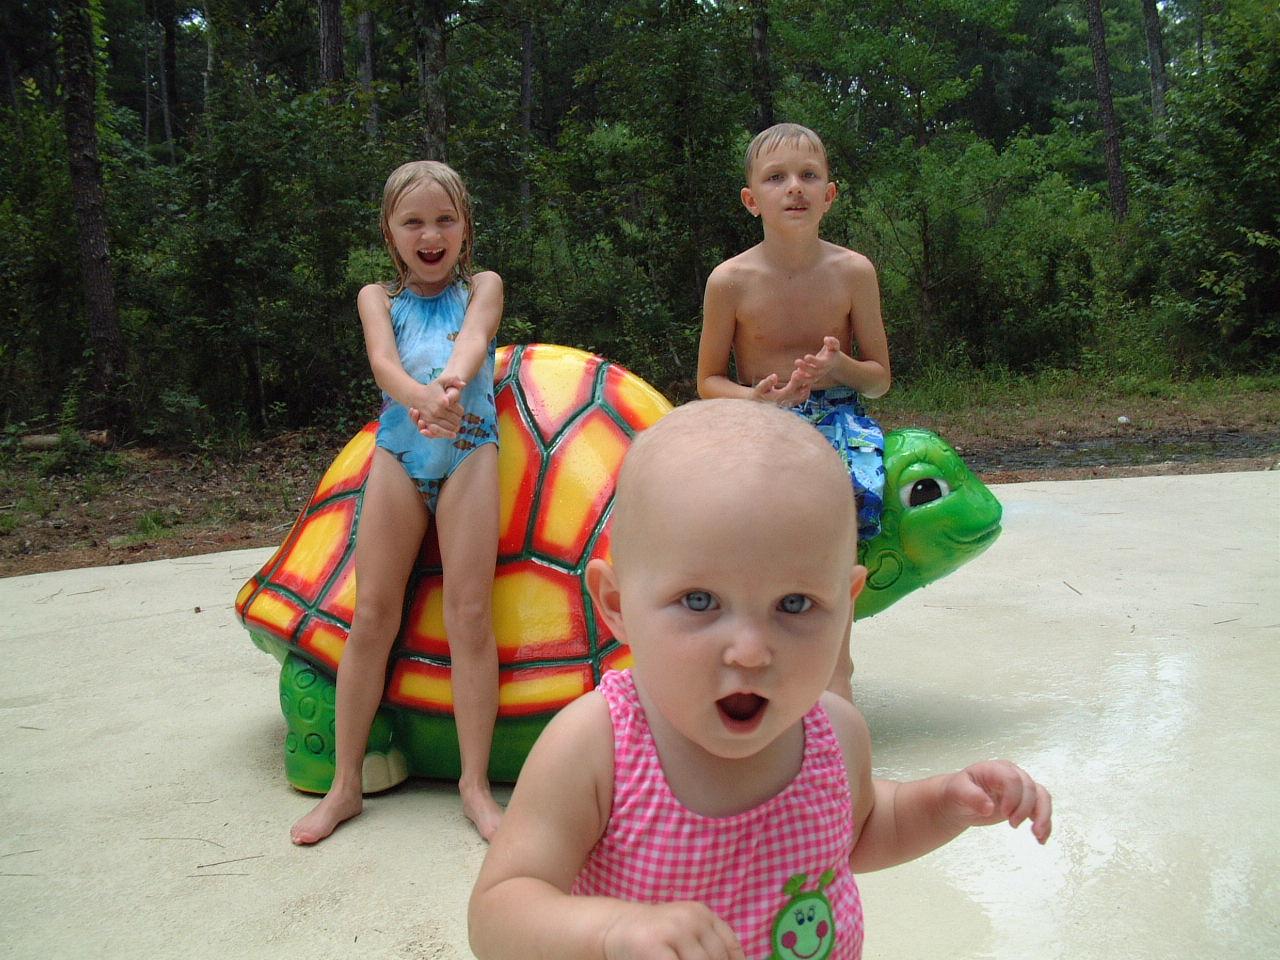 kidswaterparkmeredith.jpg